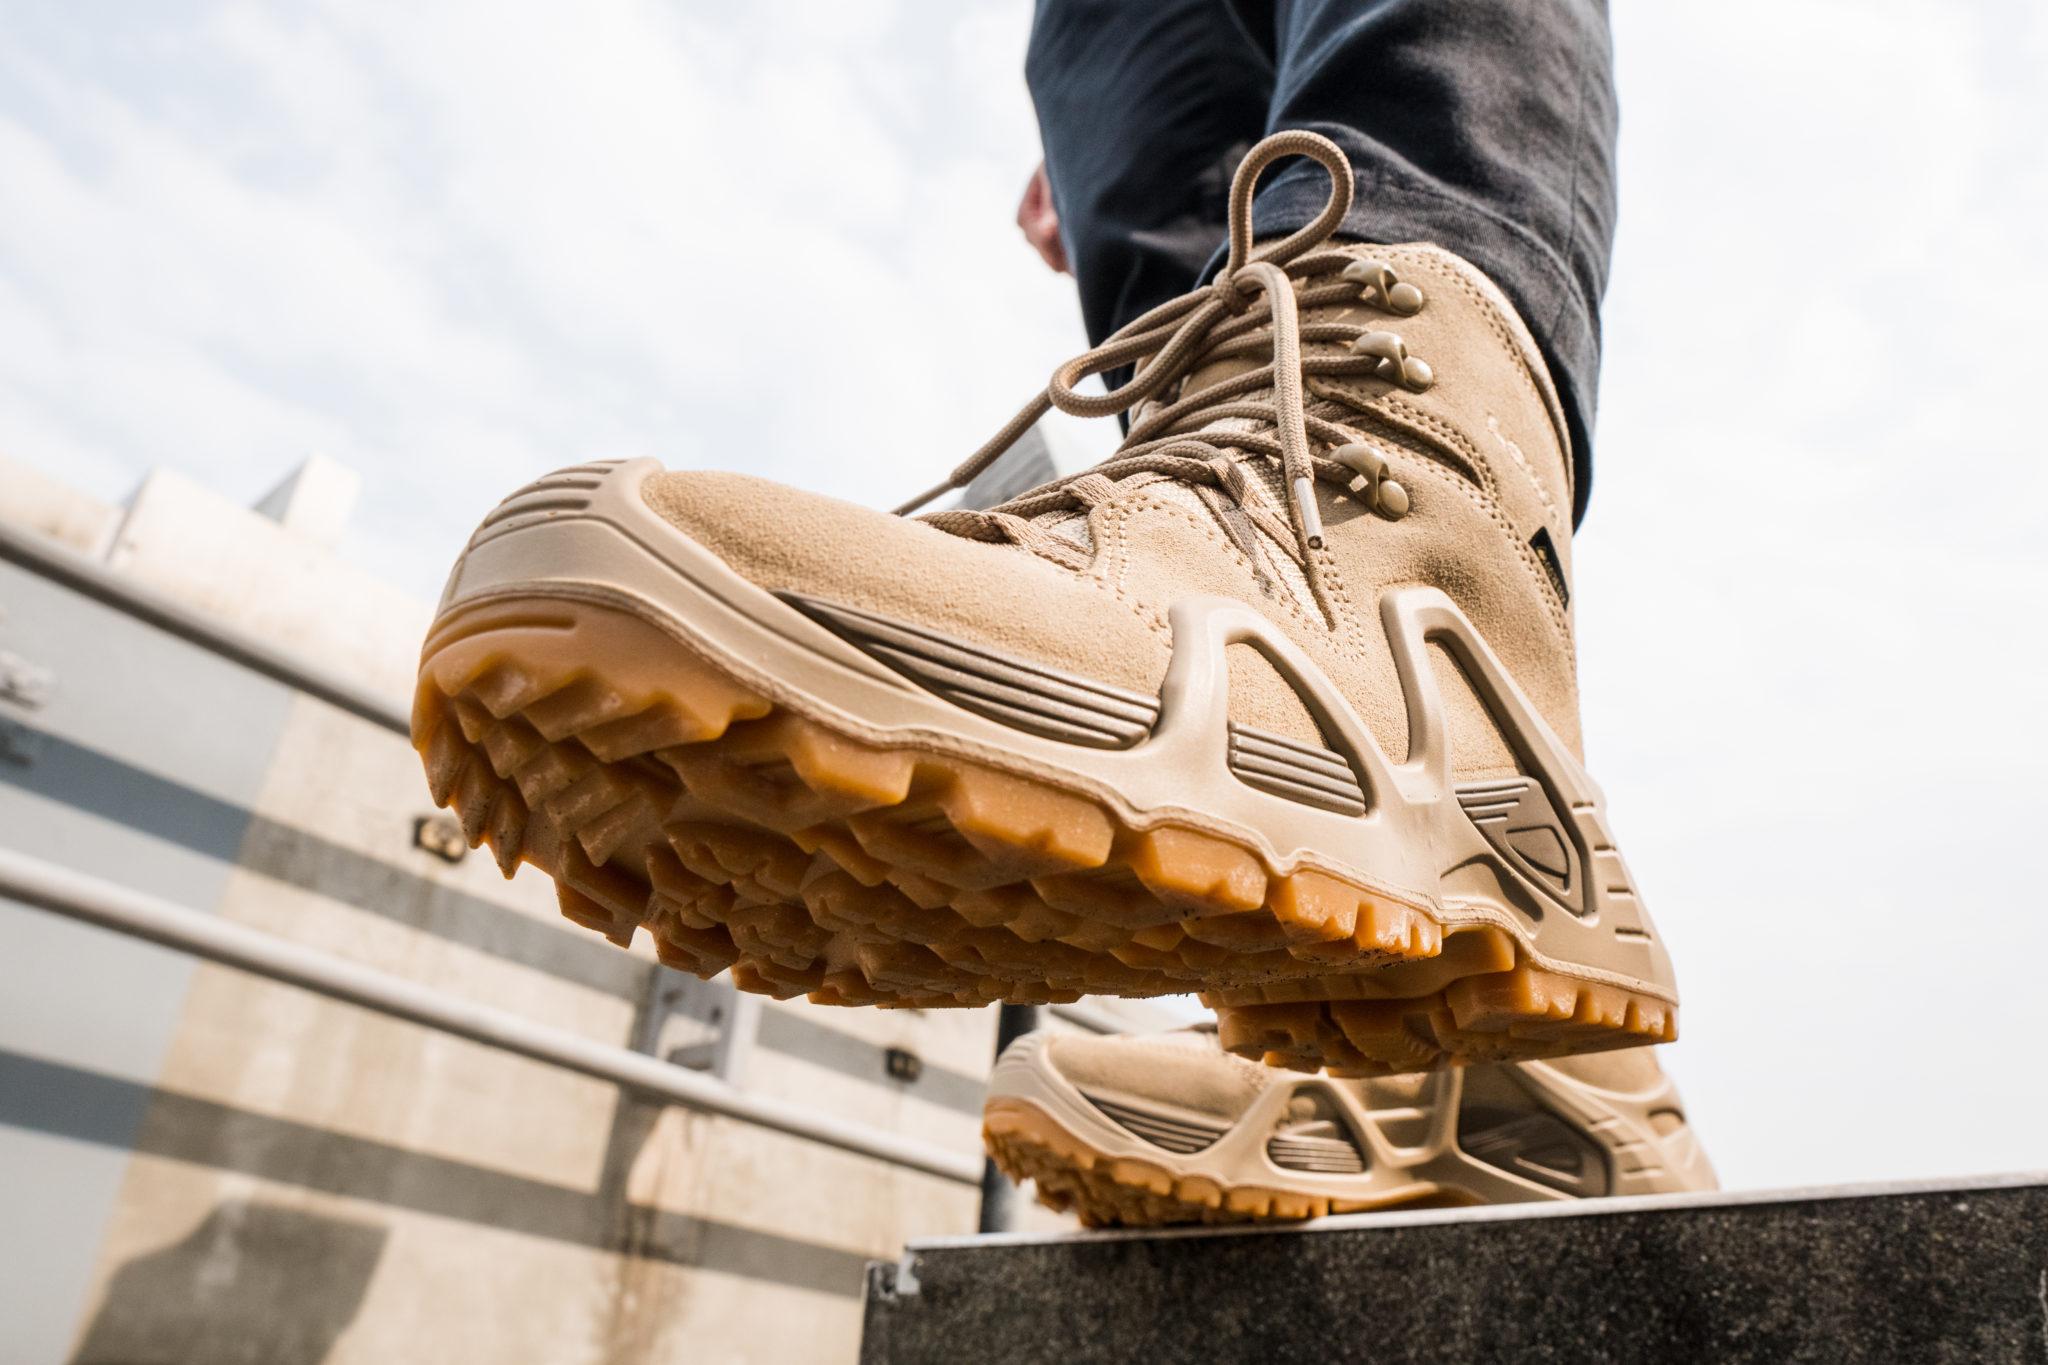 【登山鞋保養指南】如何保養登山鞋?登山鞋的防水測試